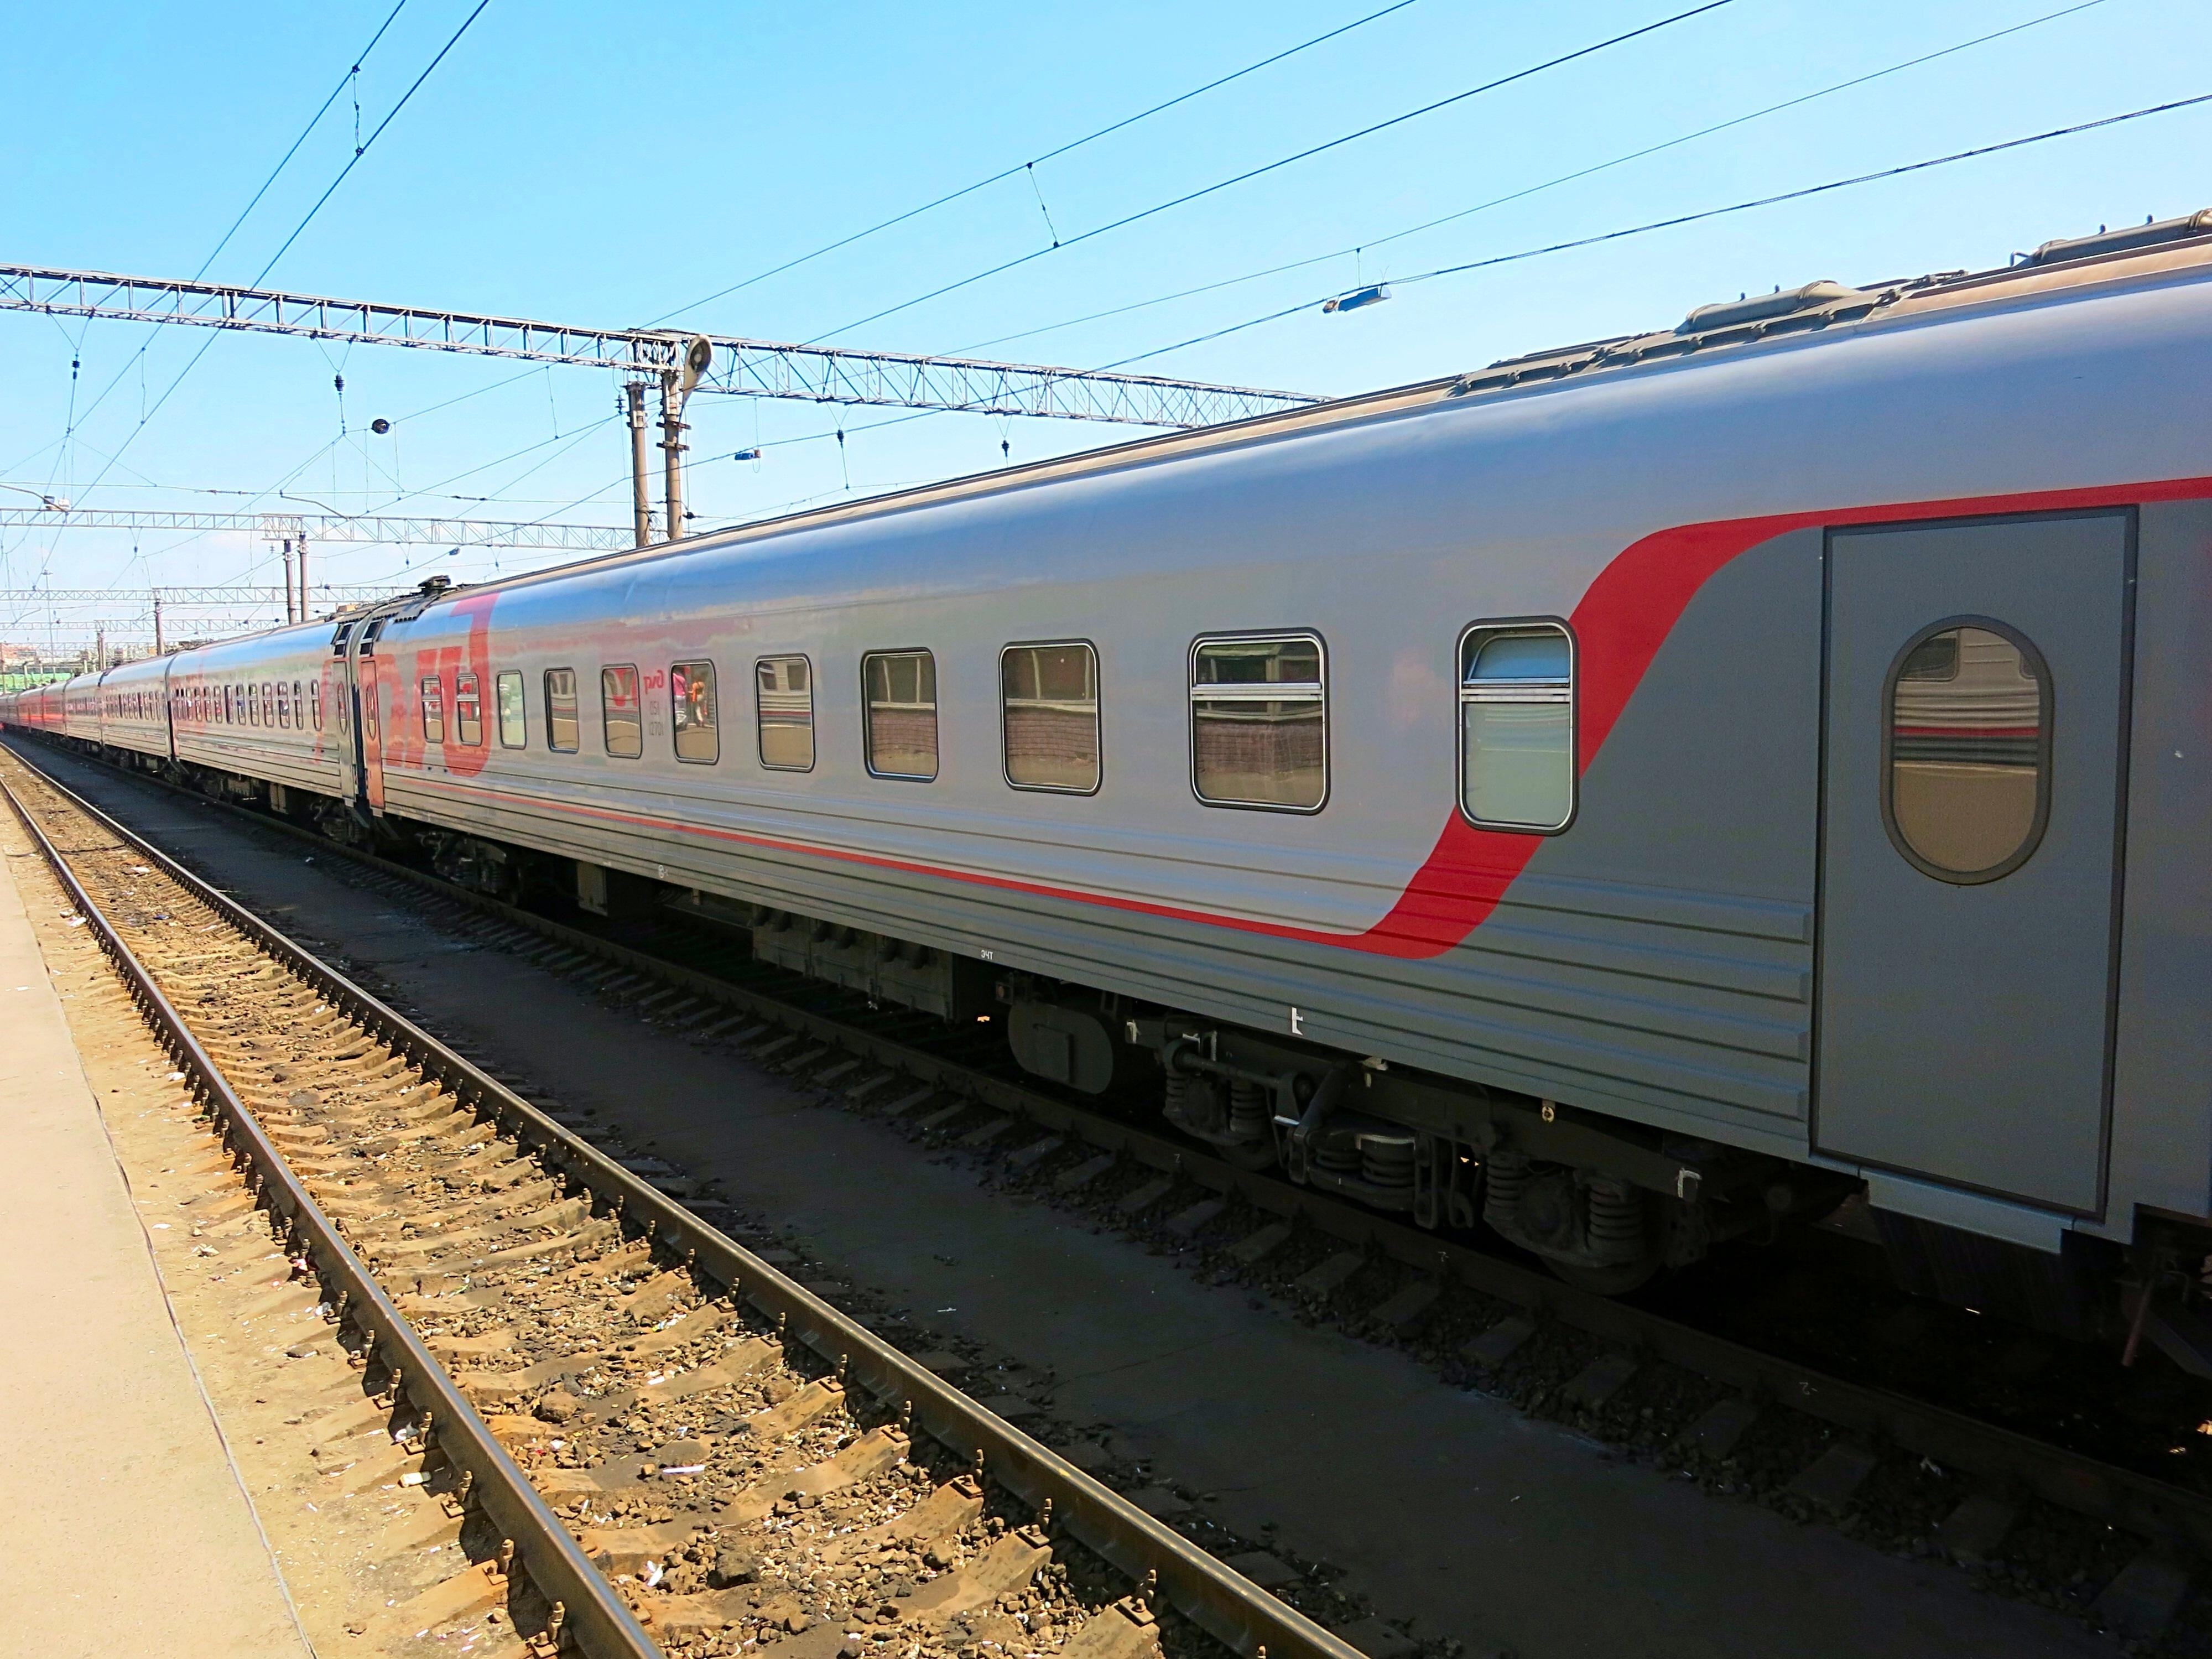 москва анапа поезд 012м фото